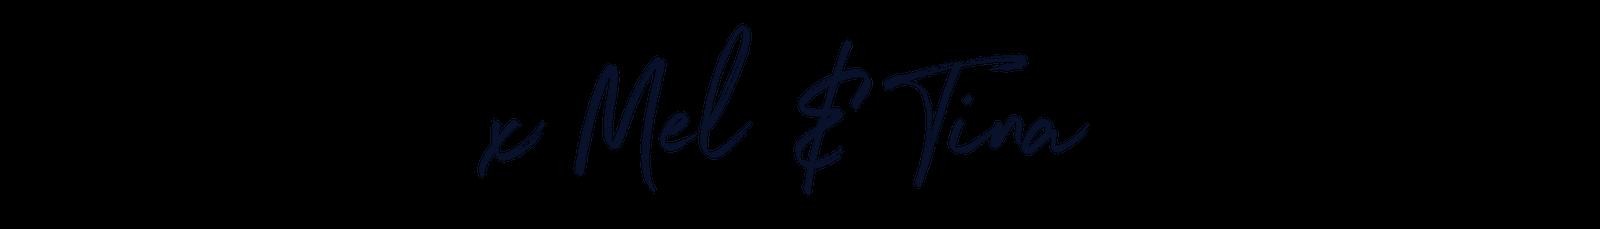 MT TT Signature.png